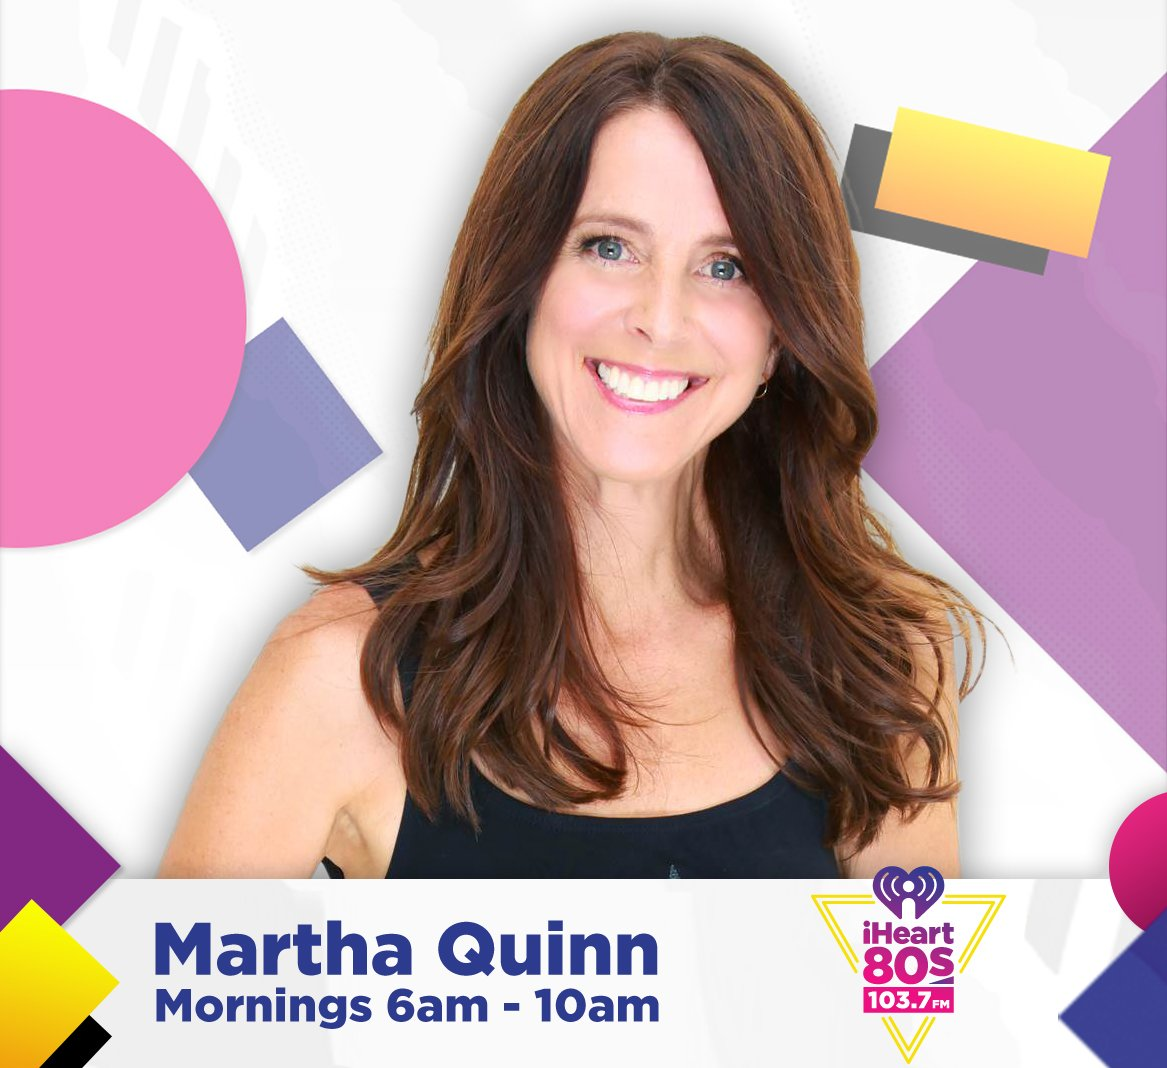 Martha Quinn Martha Quinn new photo